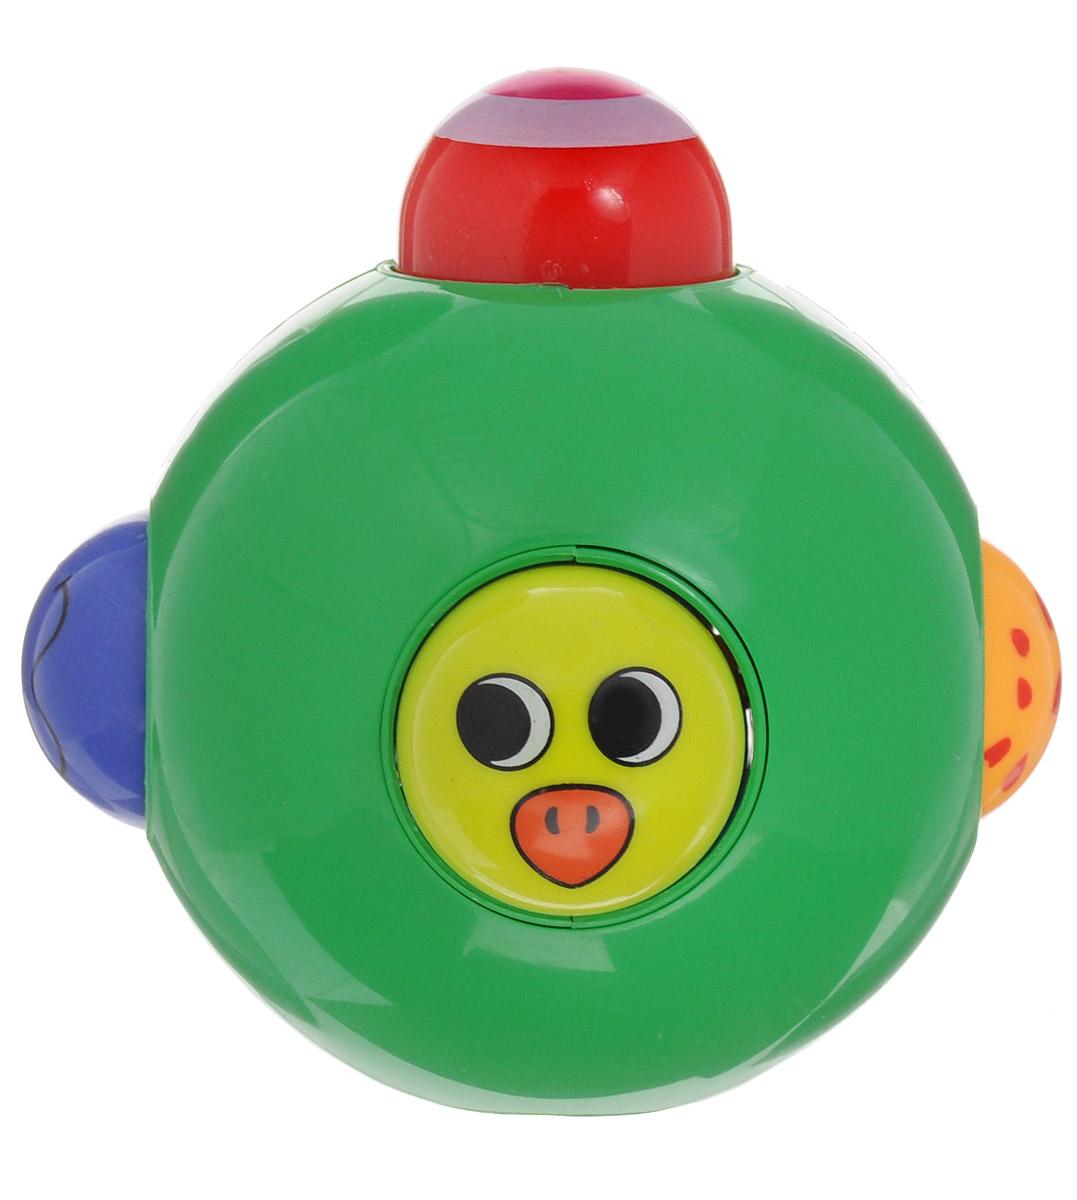 Ути-Пути Погремушка 4425844258Погремушка Ути-пути учит малыша взаимодействовать с окружающим миром, знакомит со свойствами разных предметов, помогает развивать основные рефлексы: хватание, слух, координацию, зрение. Погремушка выполнена из пластика в виде шара с отверстиями, через которые высовываются маленькие разноцветные шарики с нарисованными рожицами. Если надавить на один шарик, то с противоположной стороны высунется другой.